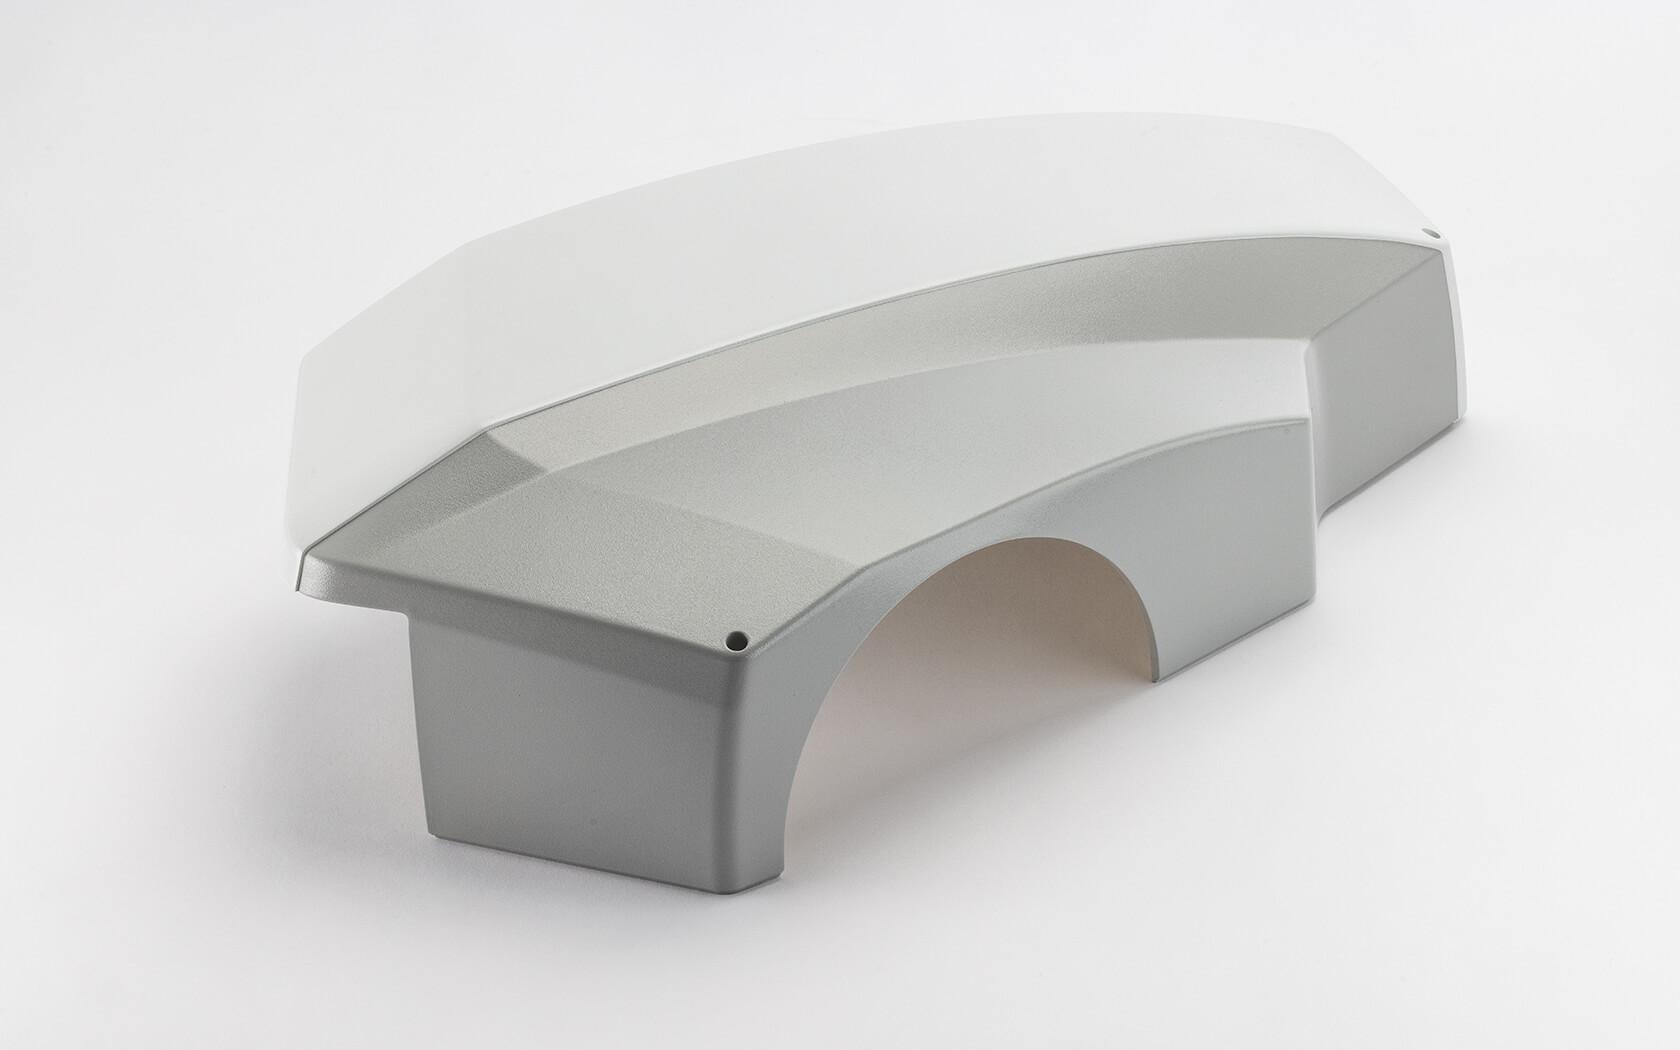 Referenzen Fried Kunststofftechnik GmbH: Kombination aus Strukturlackierung und sauberer Abklebearbeiten